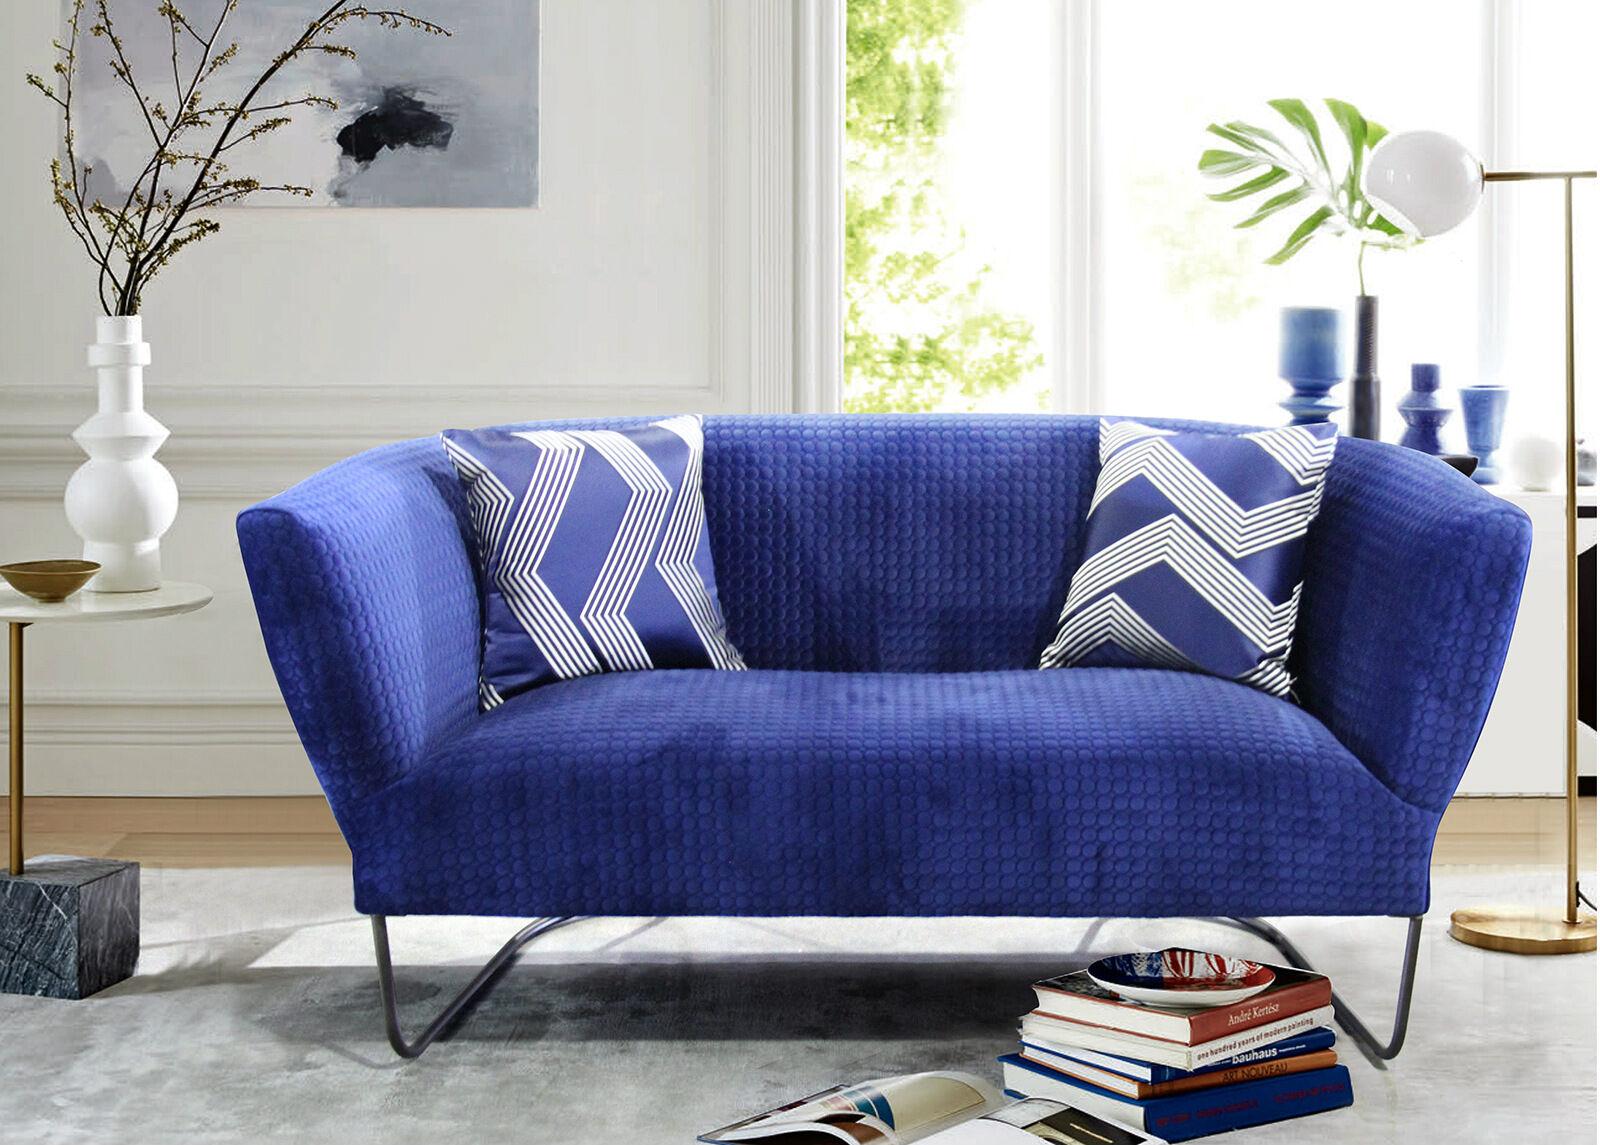 SIT Möbel Sohva Sofa 2-ist